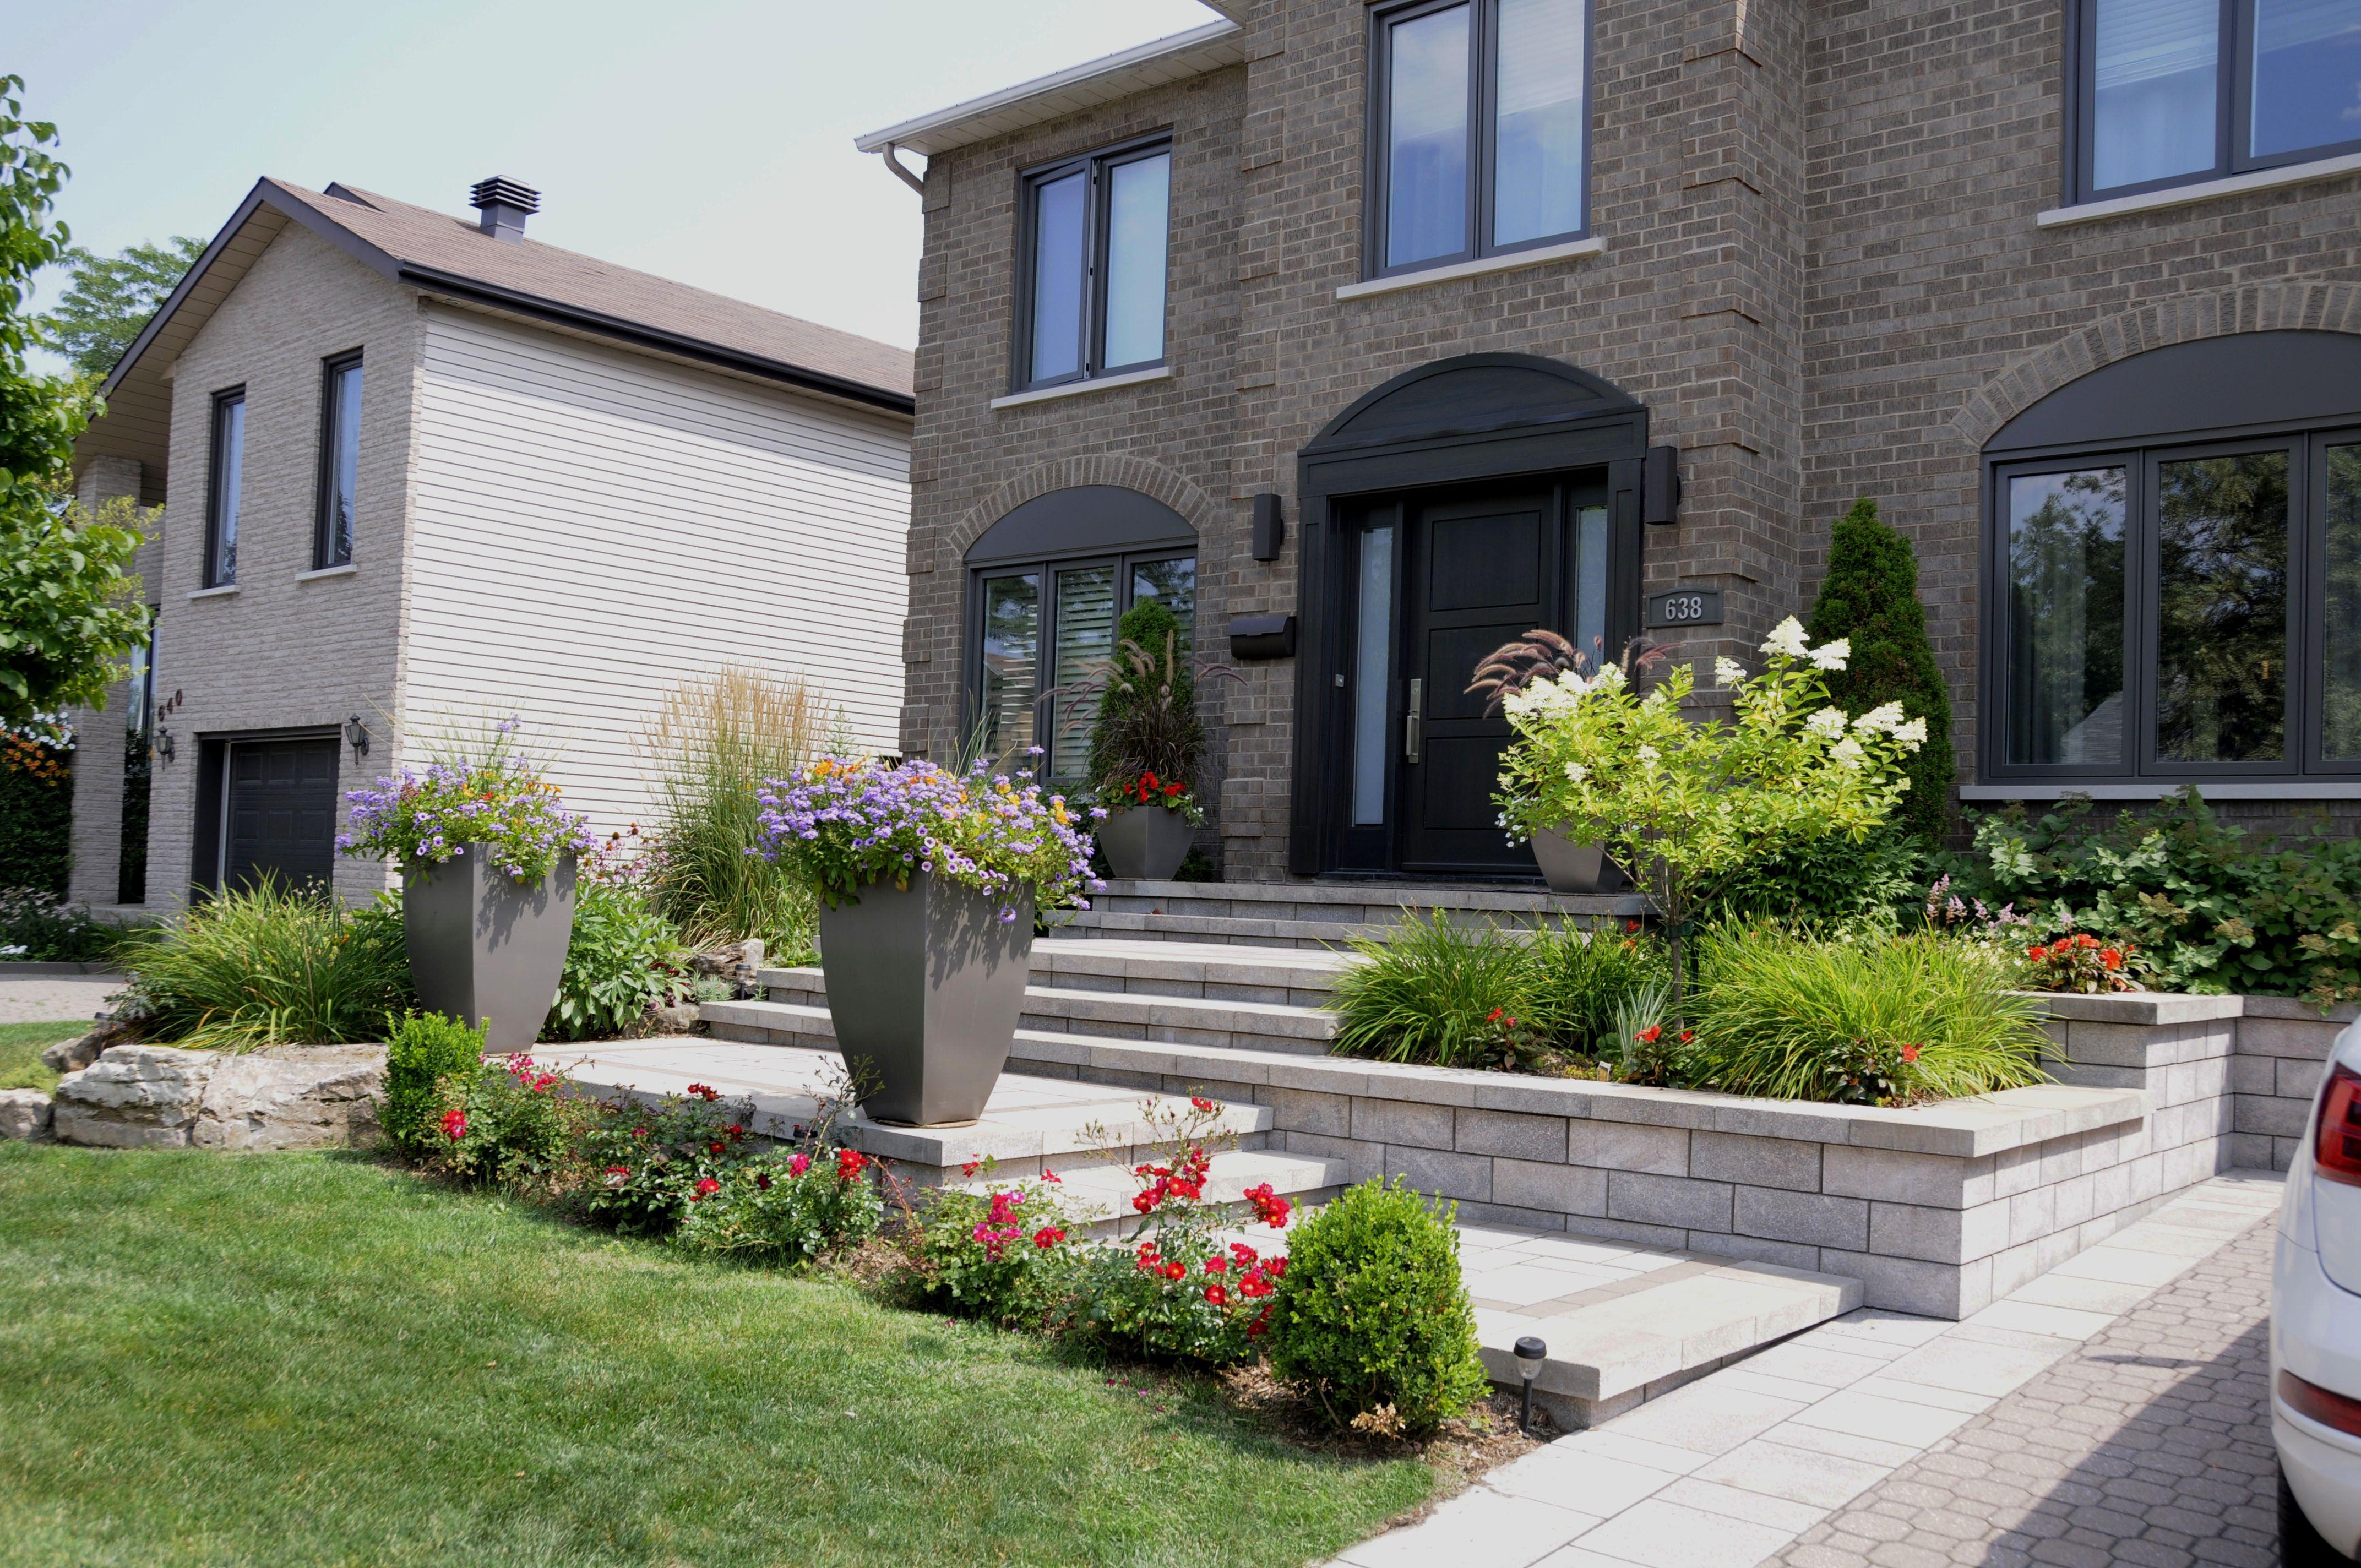 Un am nagement paysager moderne qui respecte un style plus actuel un trottoir invitant aux - Amenagement paysager devant maison ...